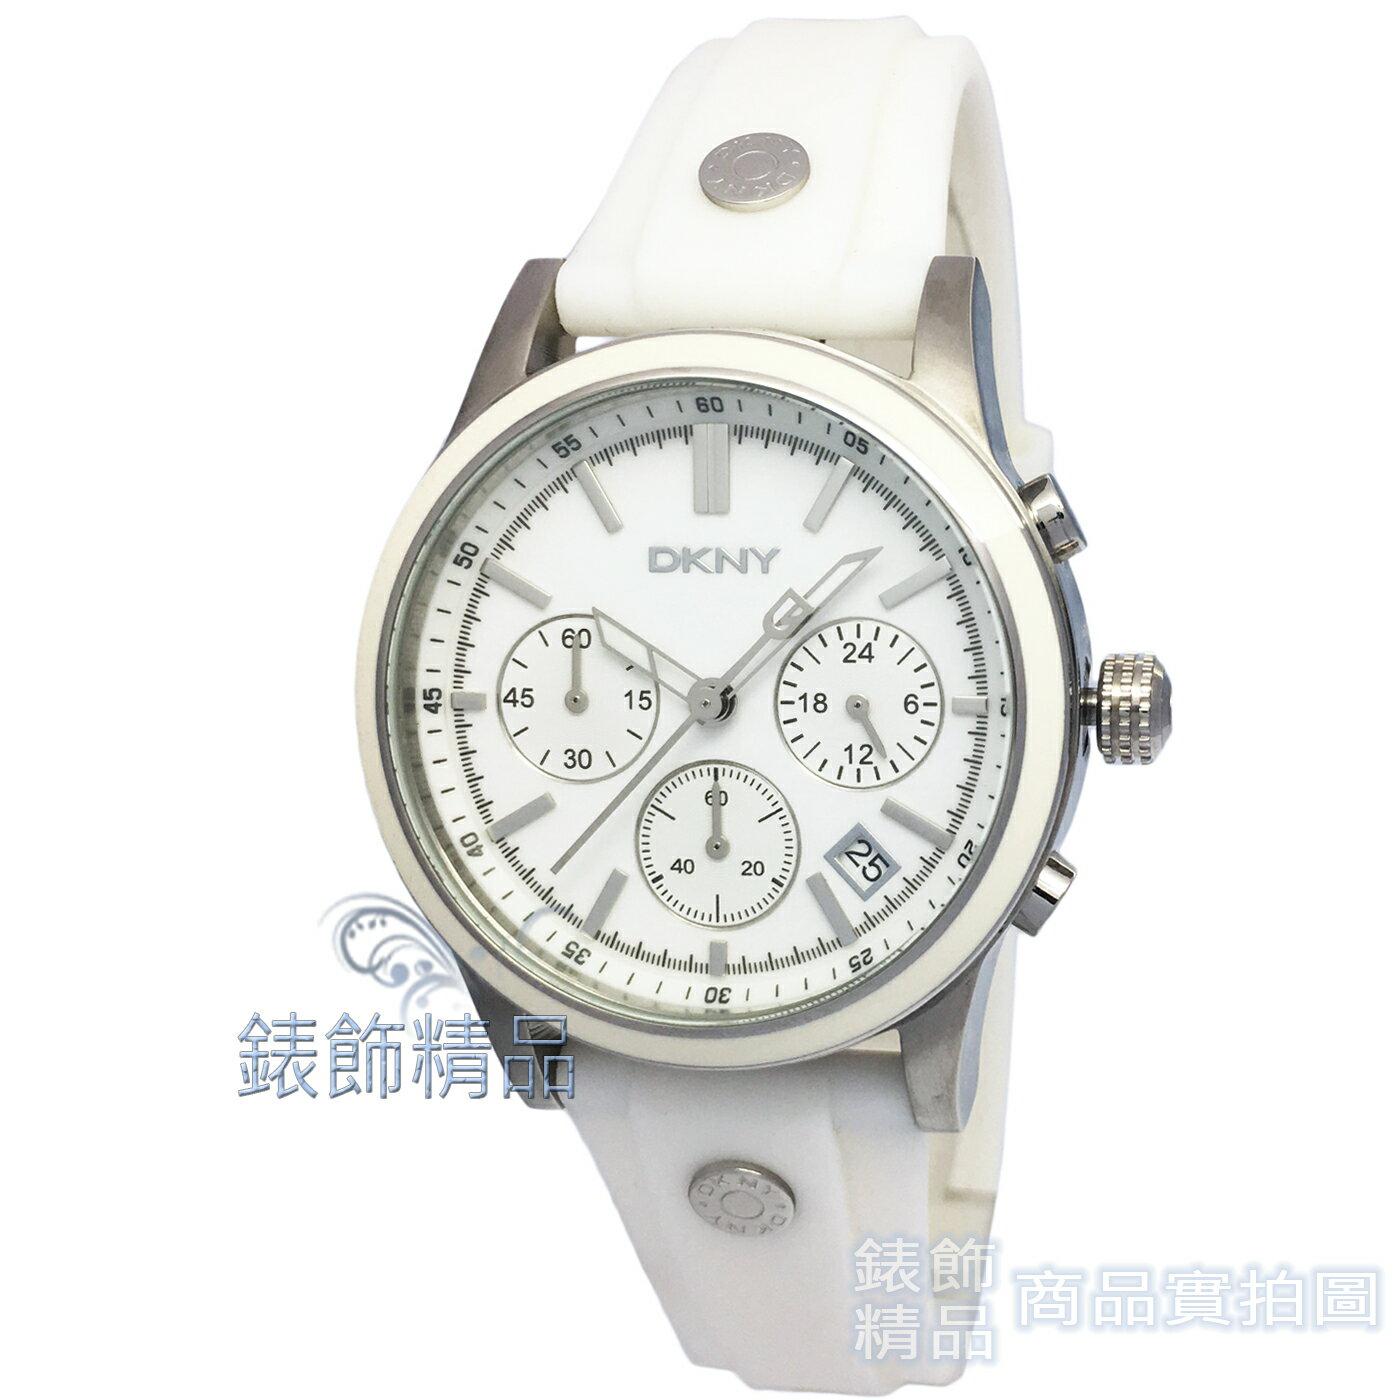 【錶飾精品】DKNY手錶 NY8170 白色旋風 三眼計時 日期 白面白膠帶女錶 全新原廠正品